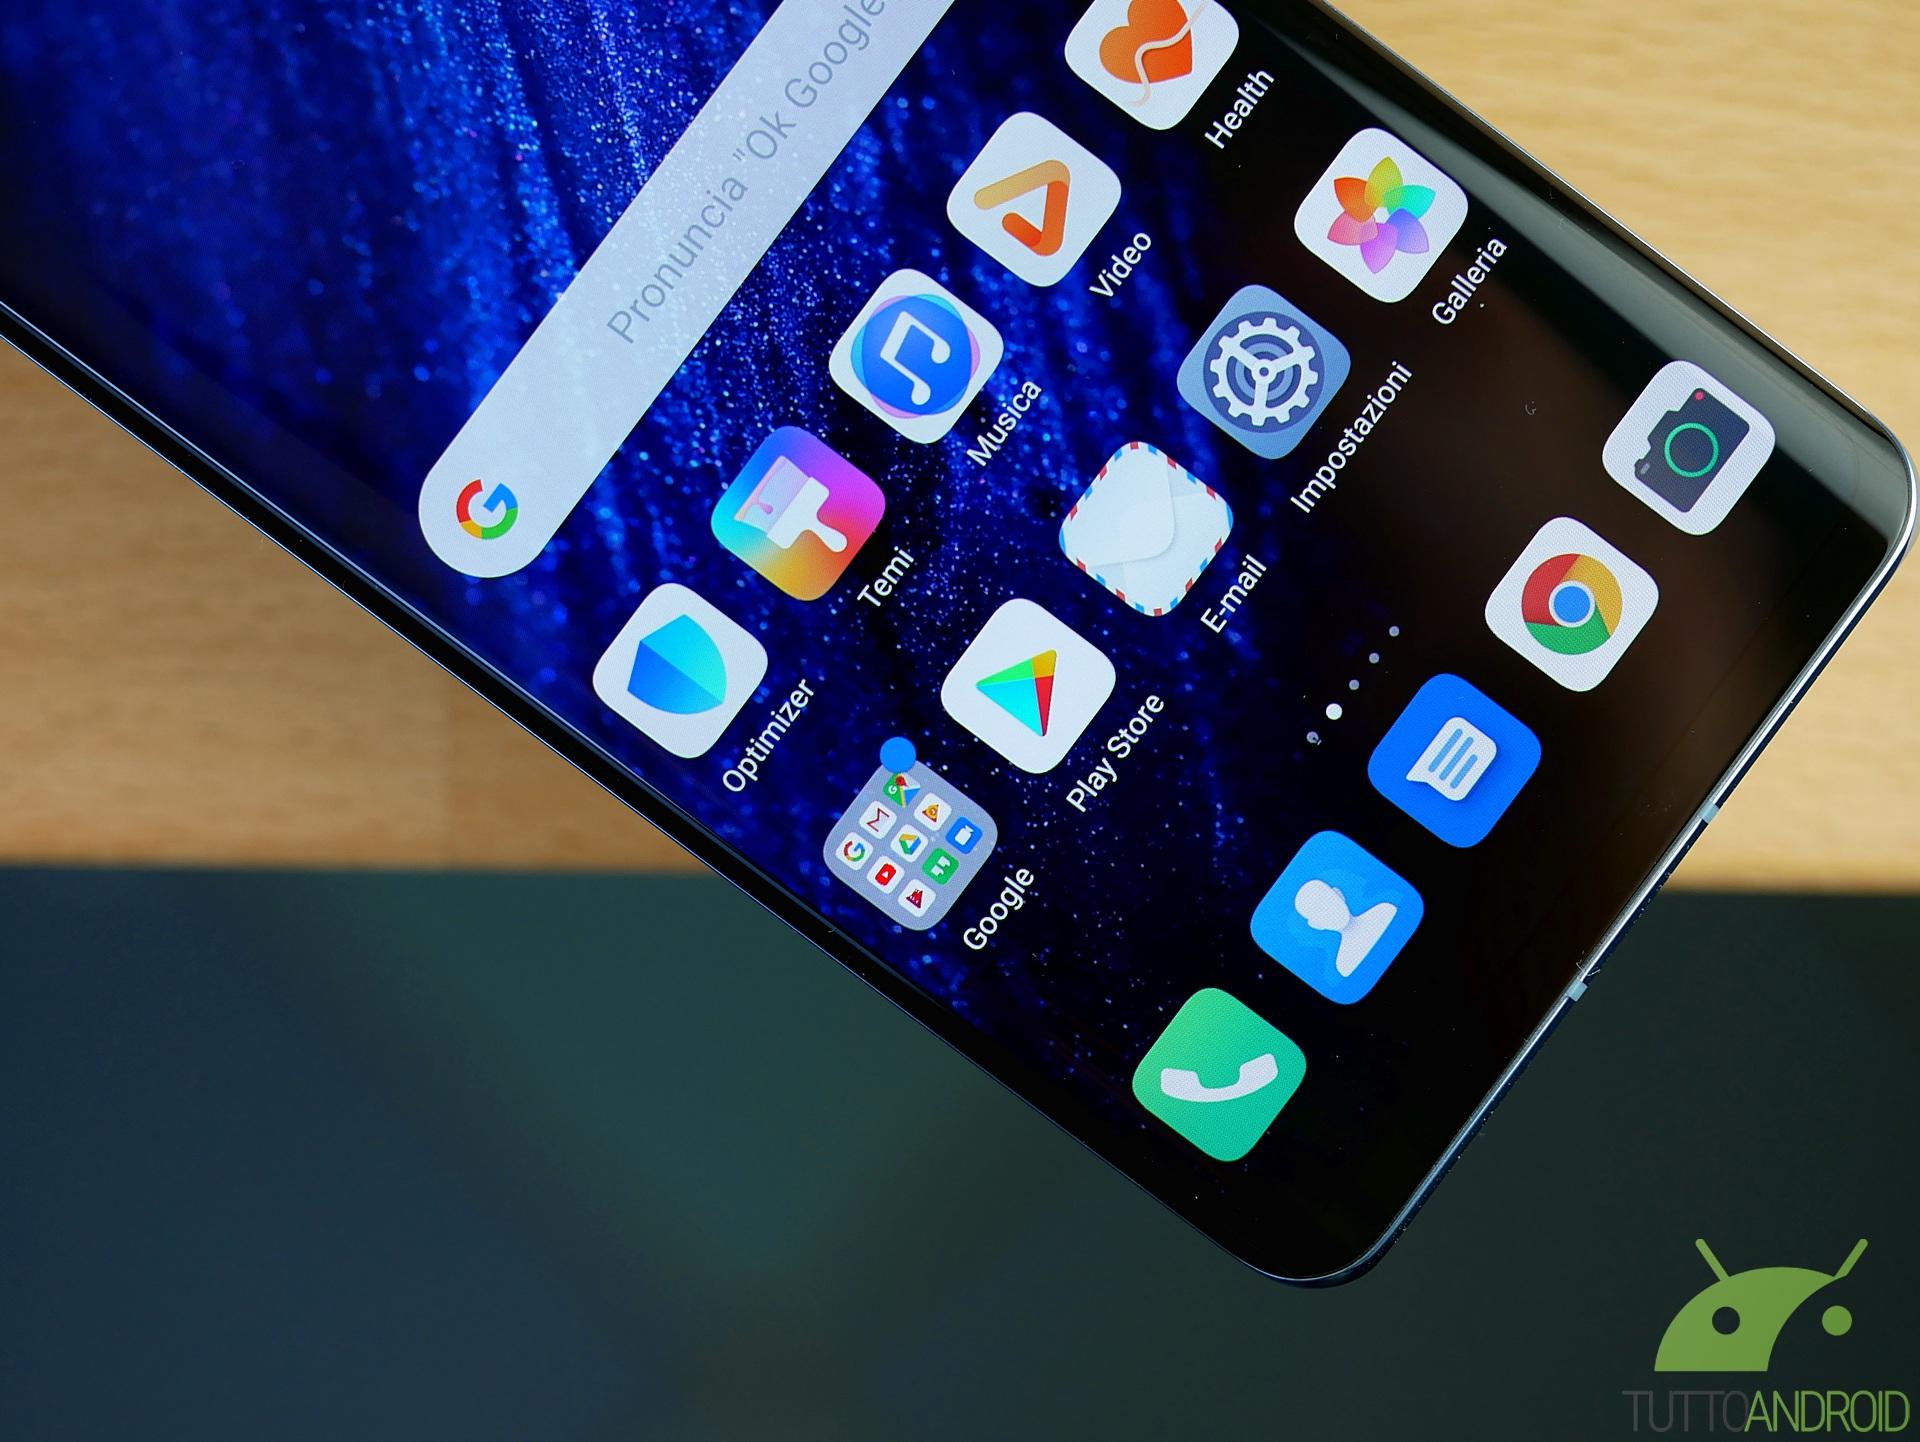 Ecco i 16 smartphone Huawei e HONOR che saranno aggiornati